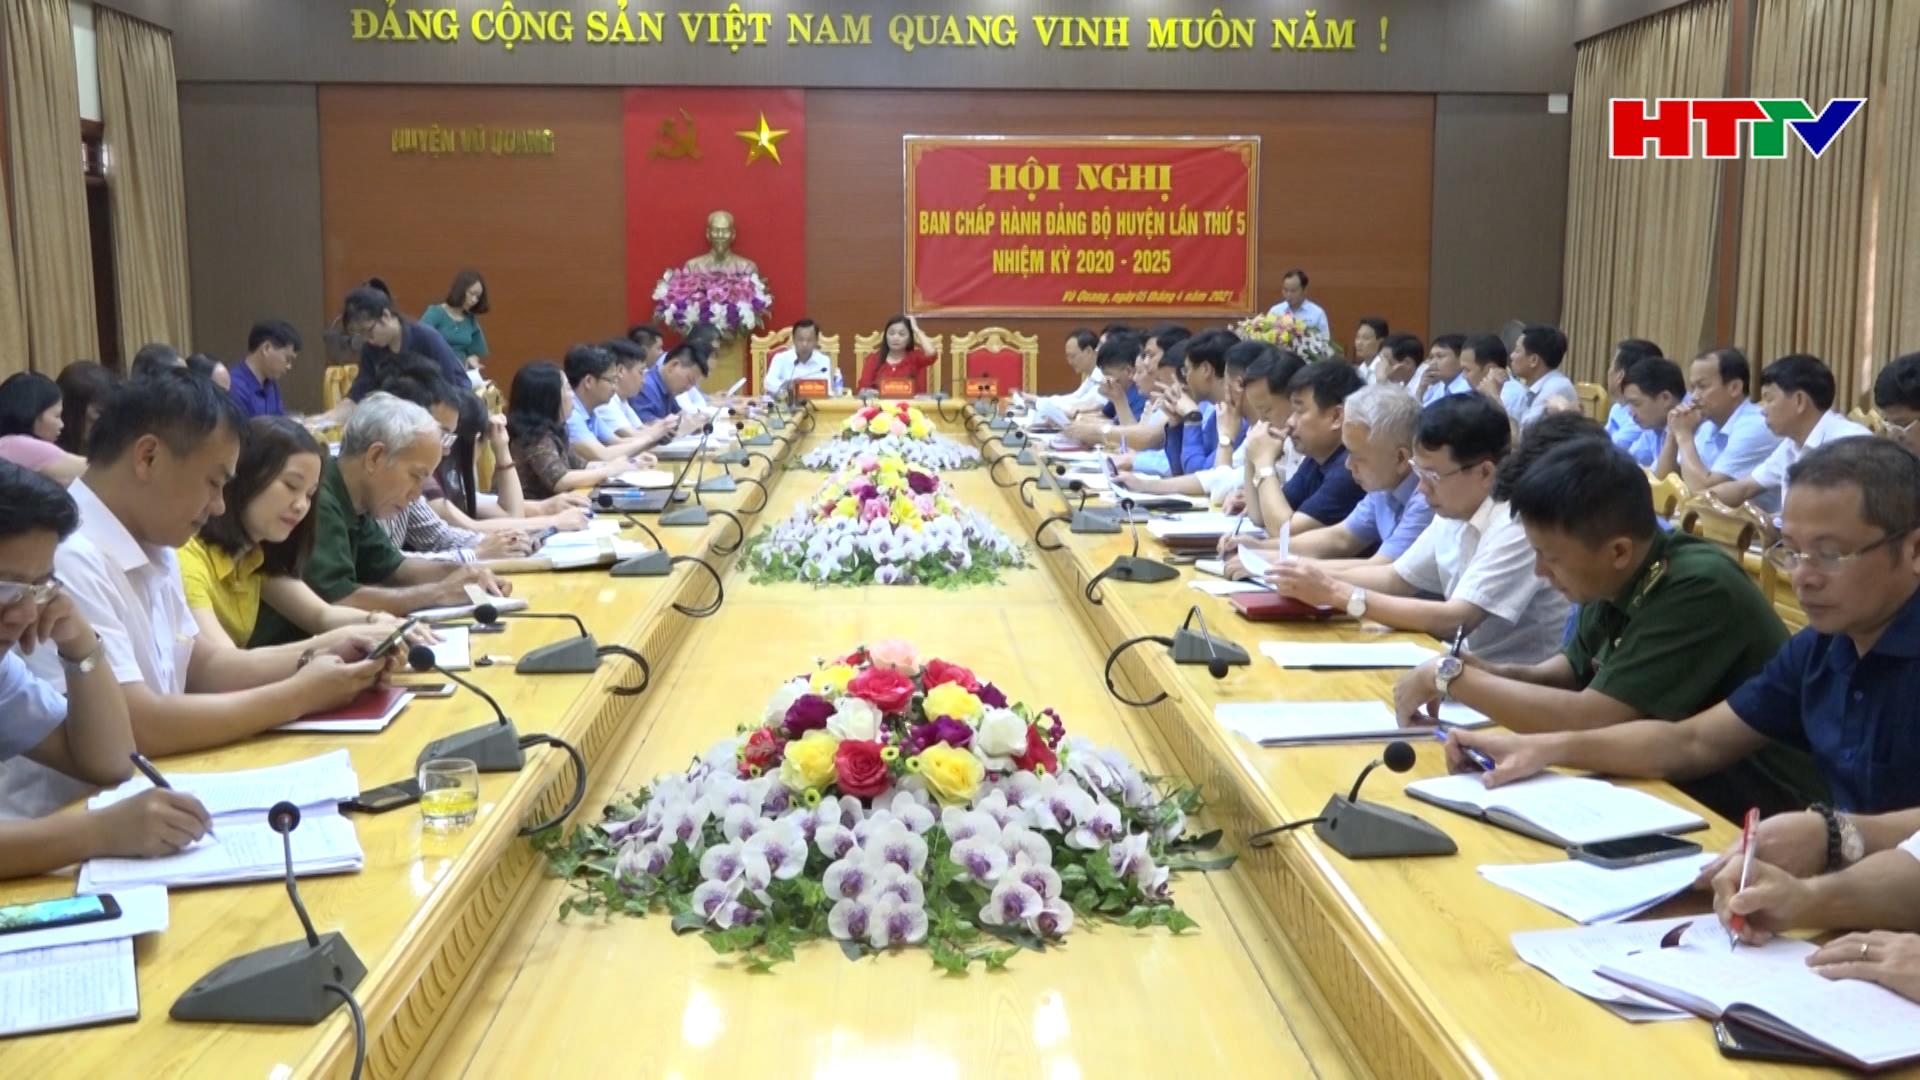 Vũ Quang chọn khâu đột phá để phát triển